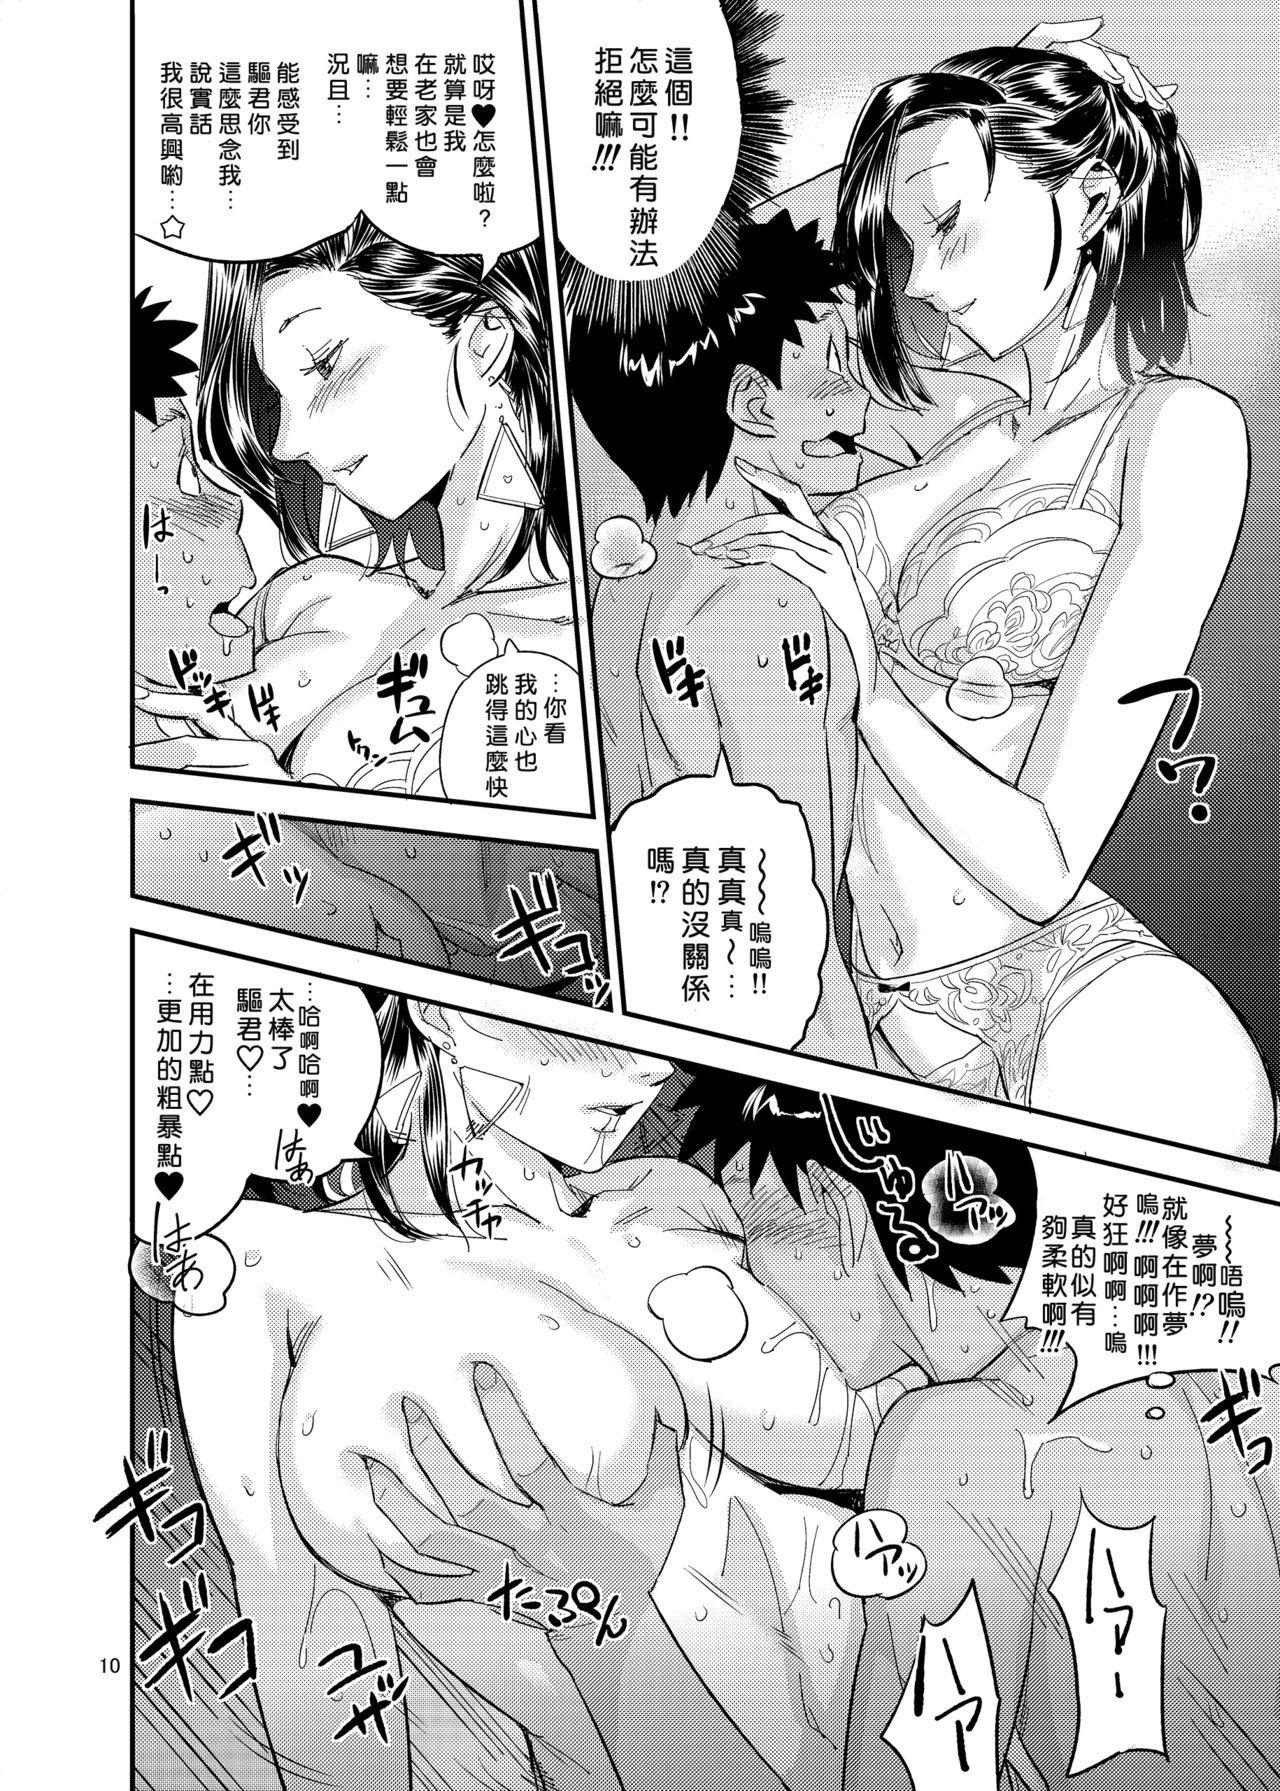 Hikari no Housoku 9